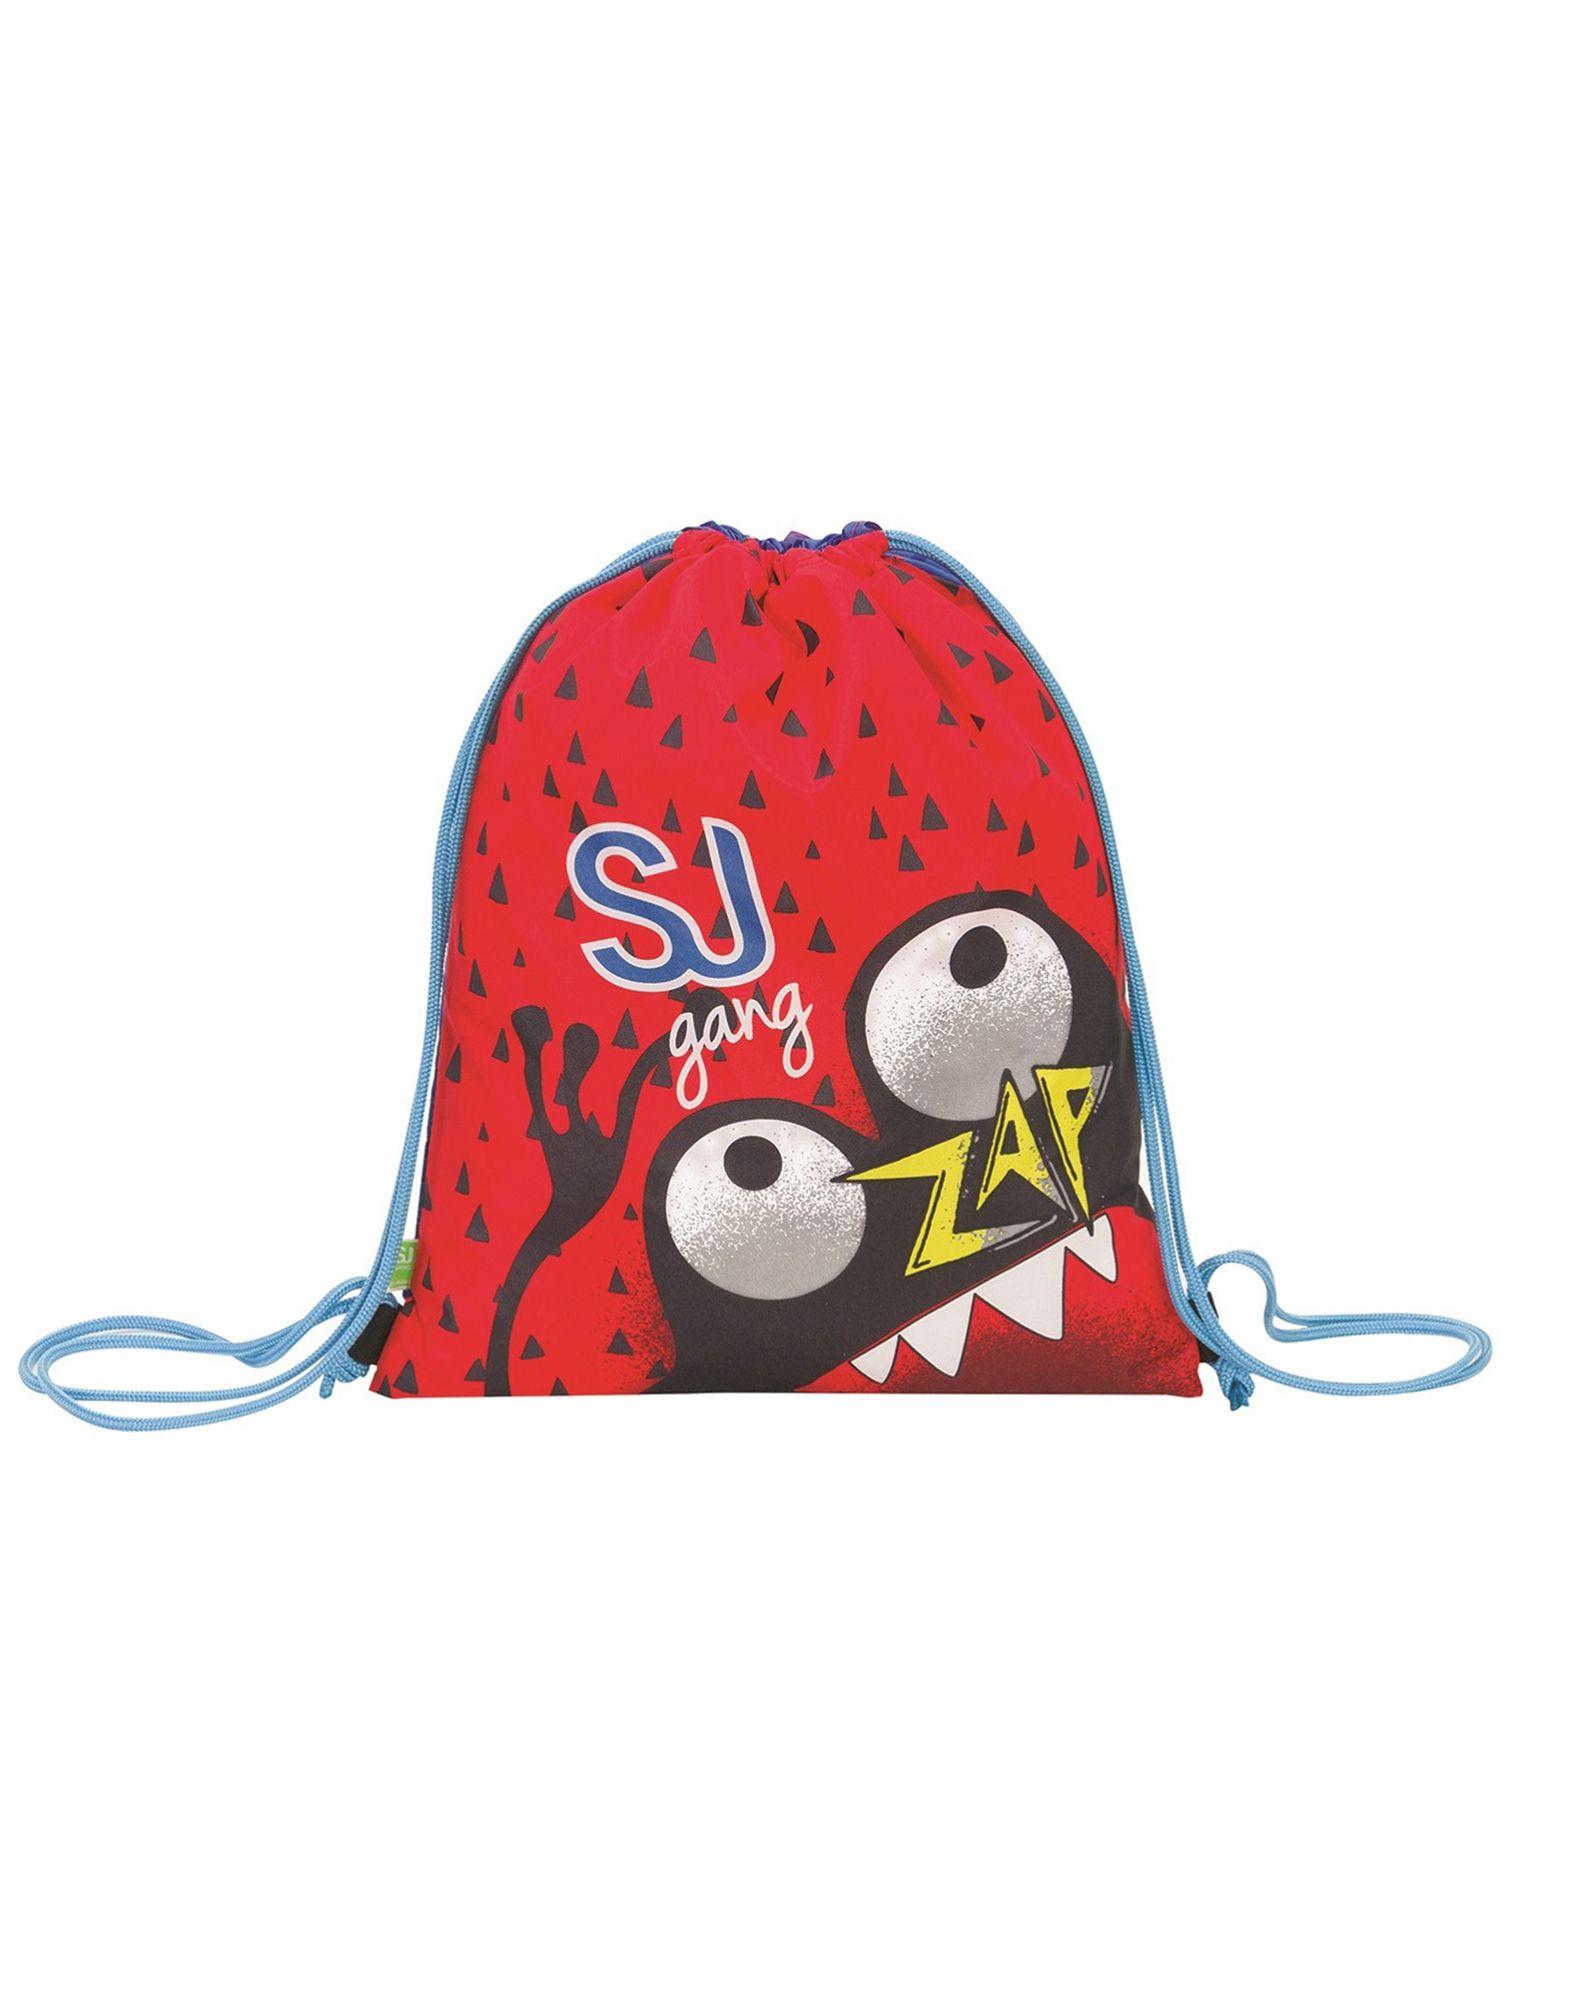 SJ GANG by SEVEN Рюкзаки и сумки на пояс цена и фото